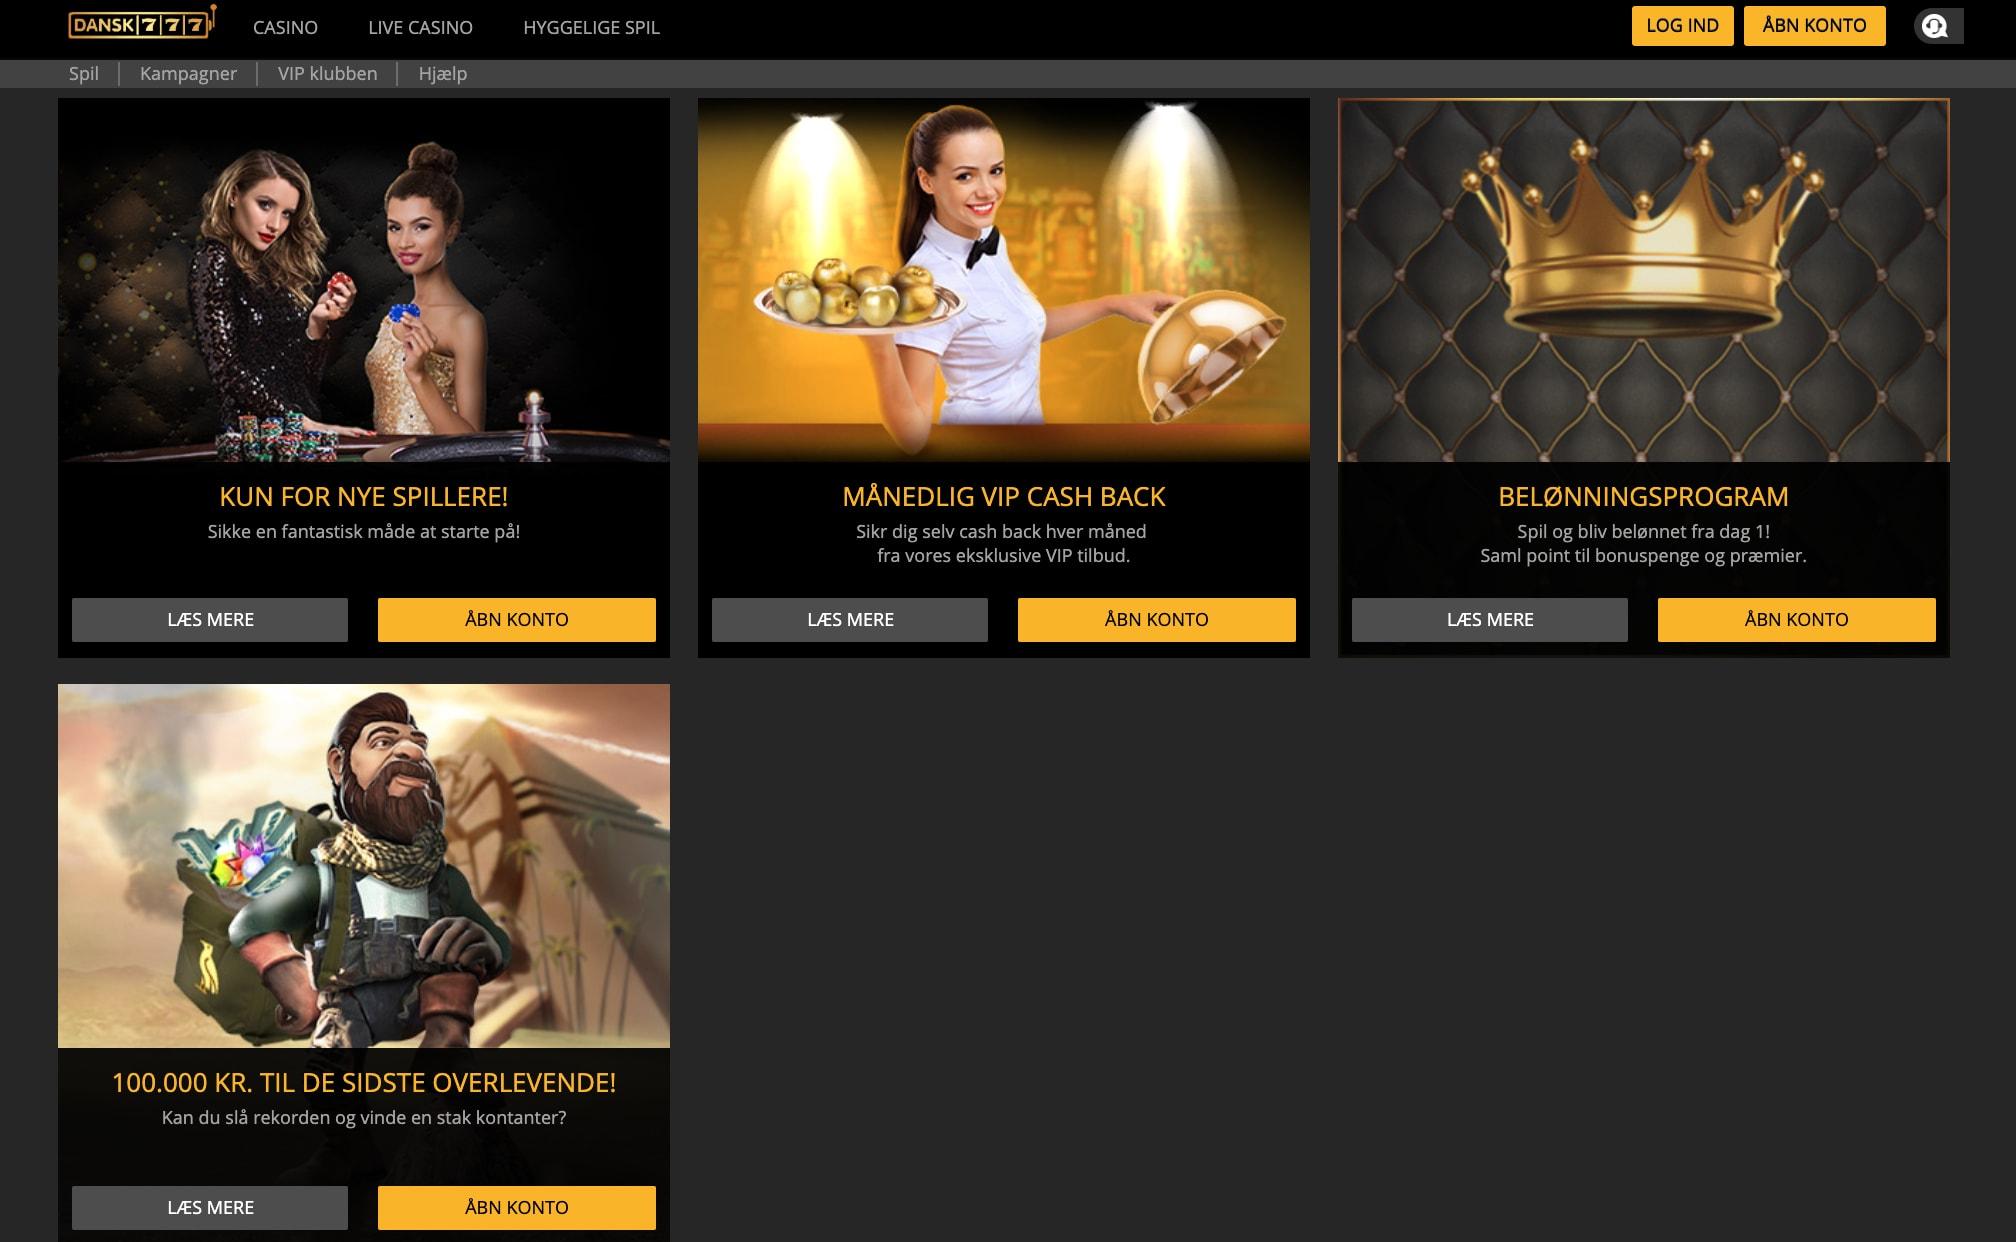 Tilbud og kampagner på online casino Dansk777.dk